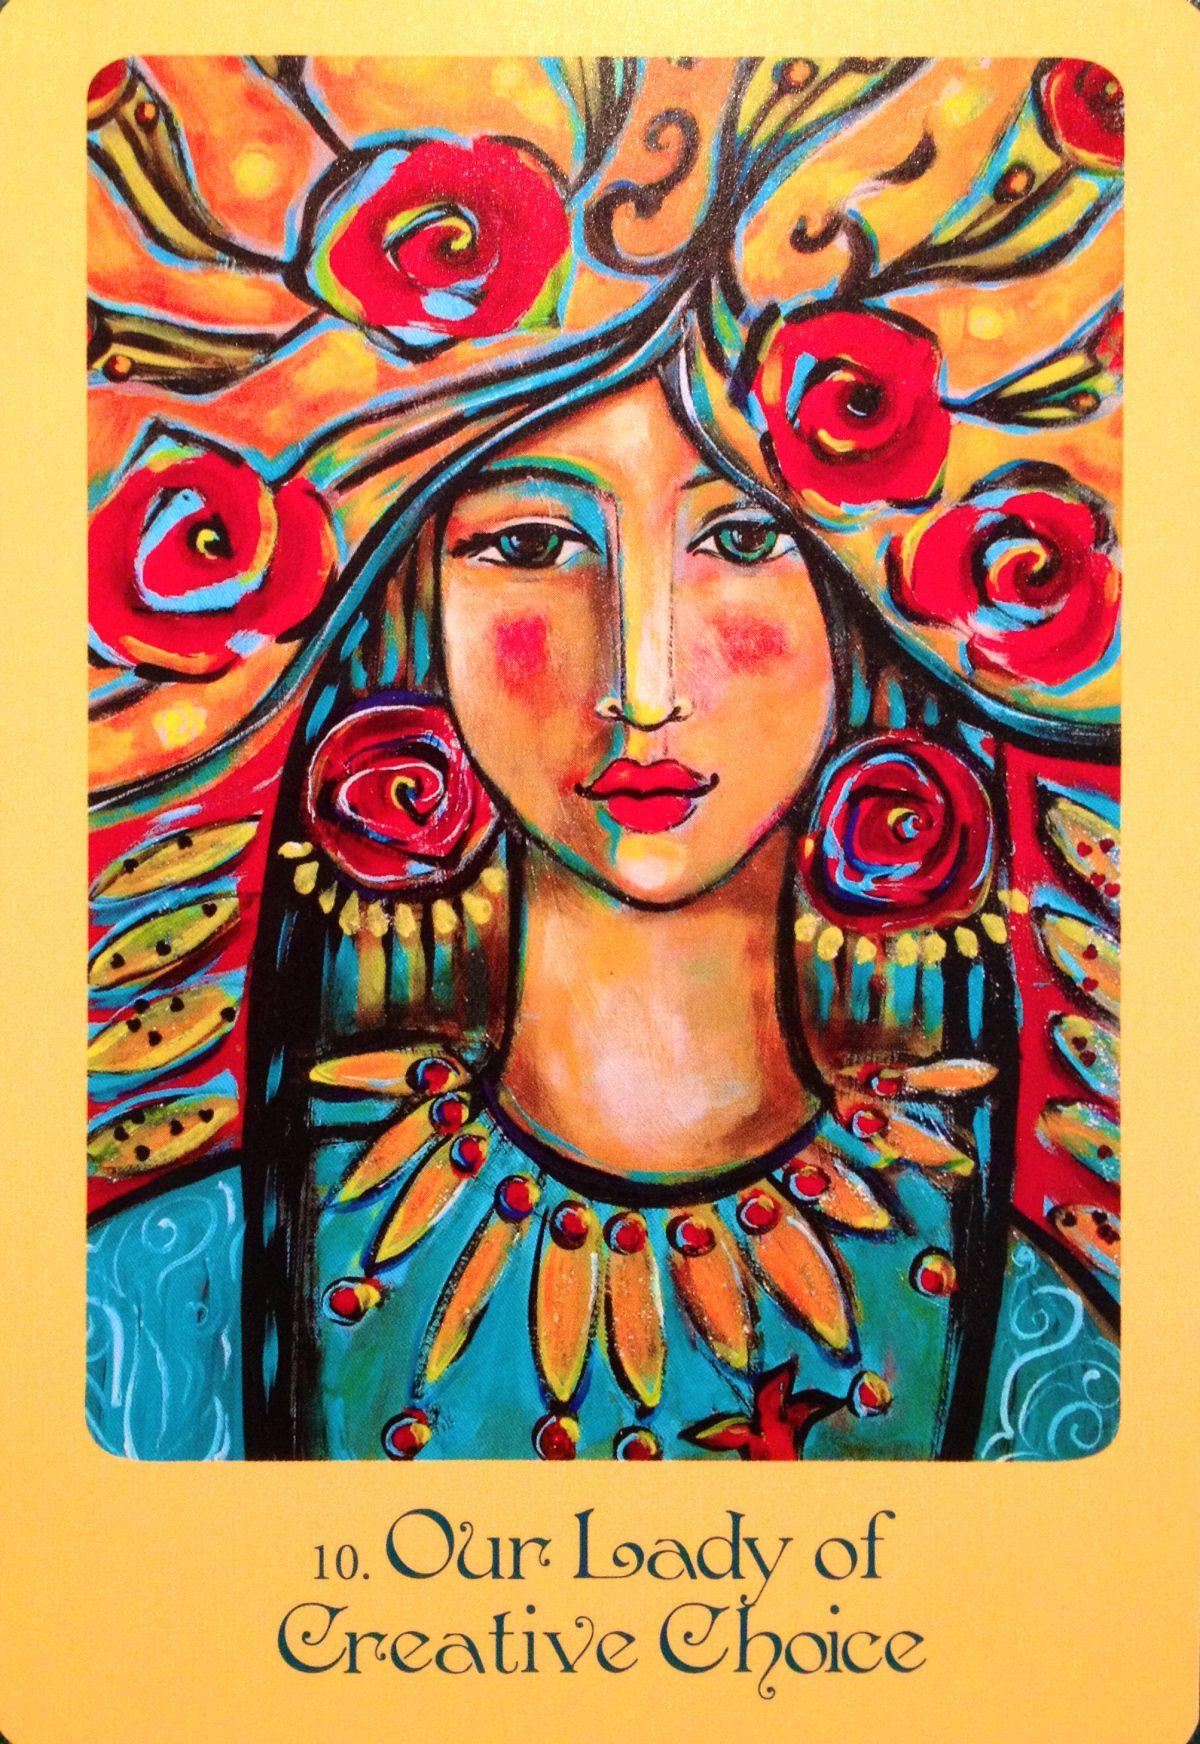 Nuestra señora de la opción creativa, de la cubierta de la tarjeta de Oracle de la madre Maria de Alana Fairchild y de Shiloh Sophia McCloud